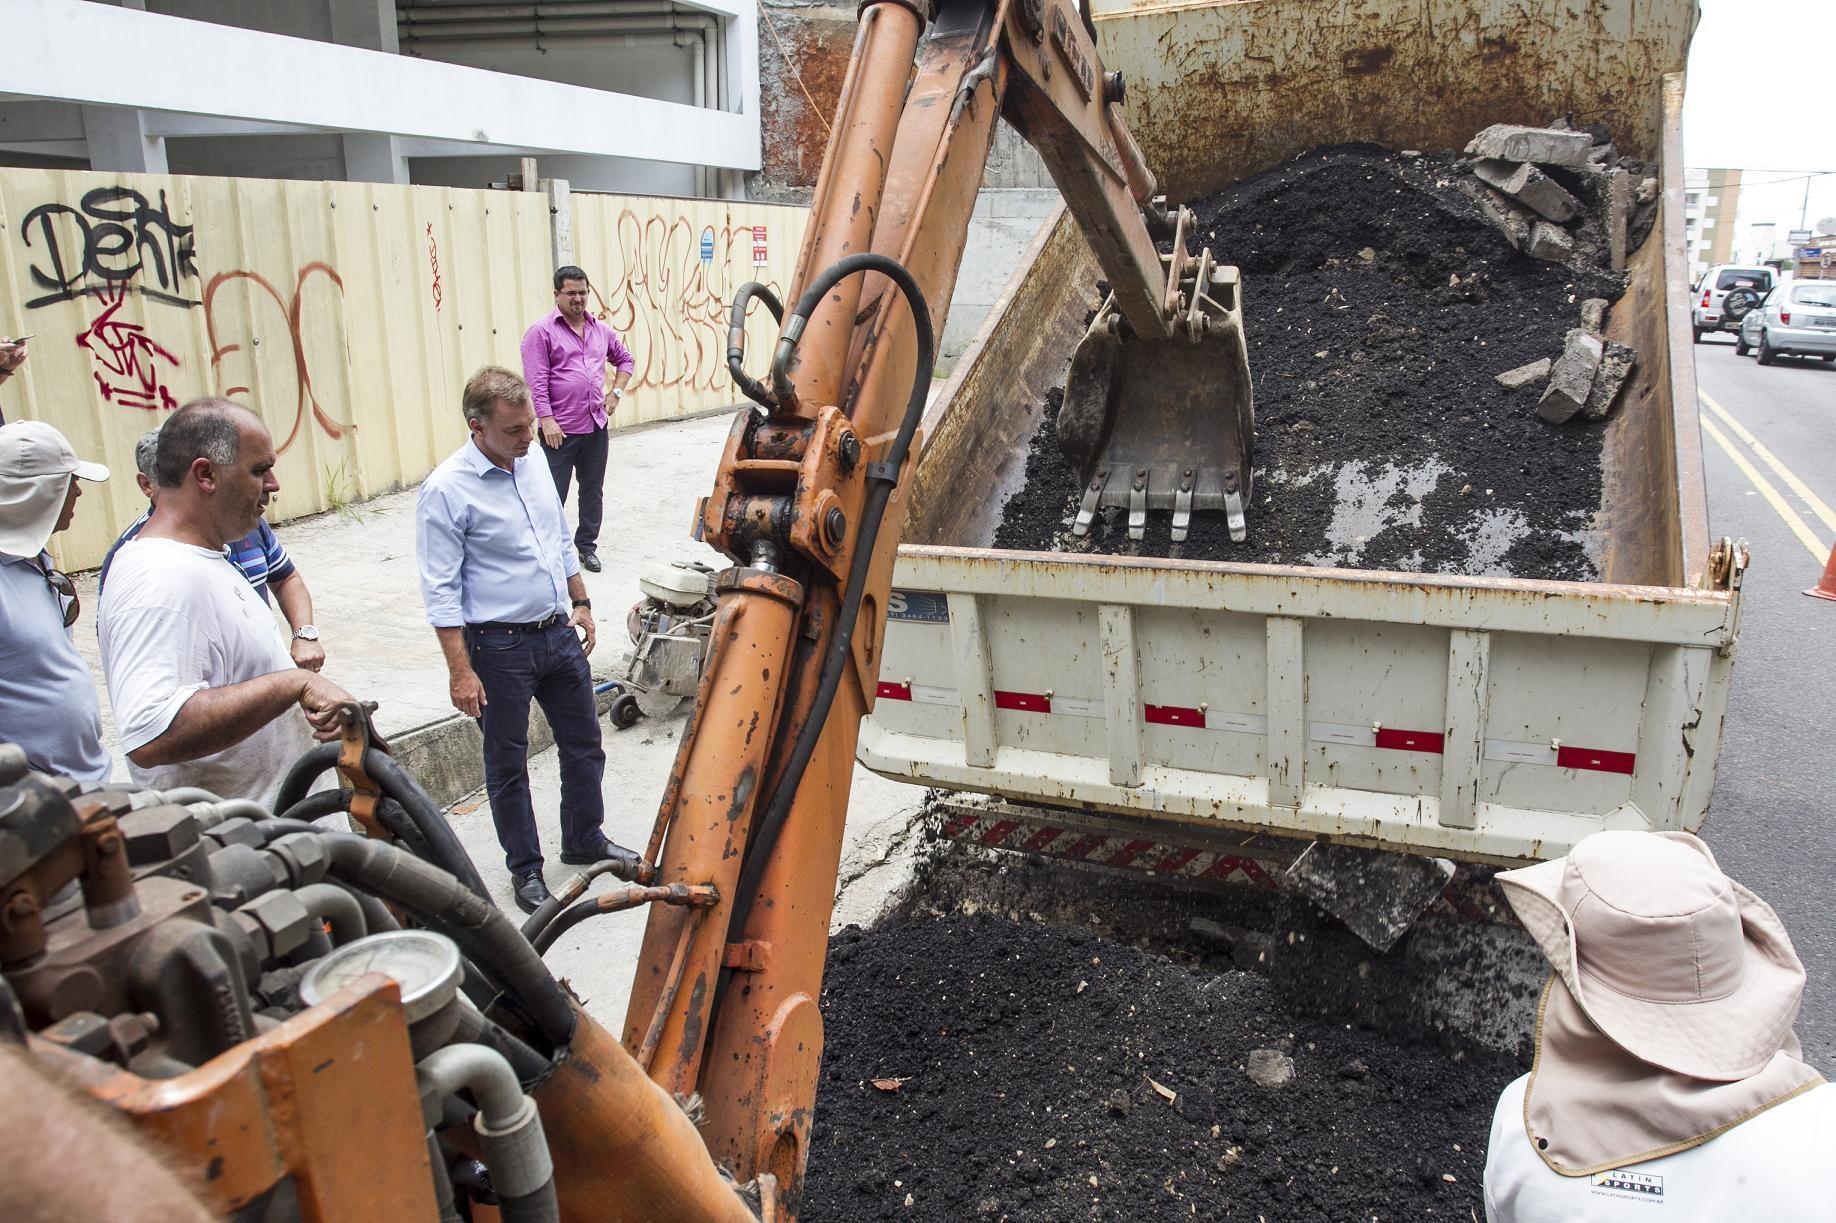 Gean esteve presente em operação tapa-buraco - Marco Santiago/ND